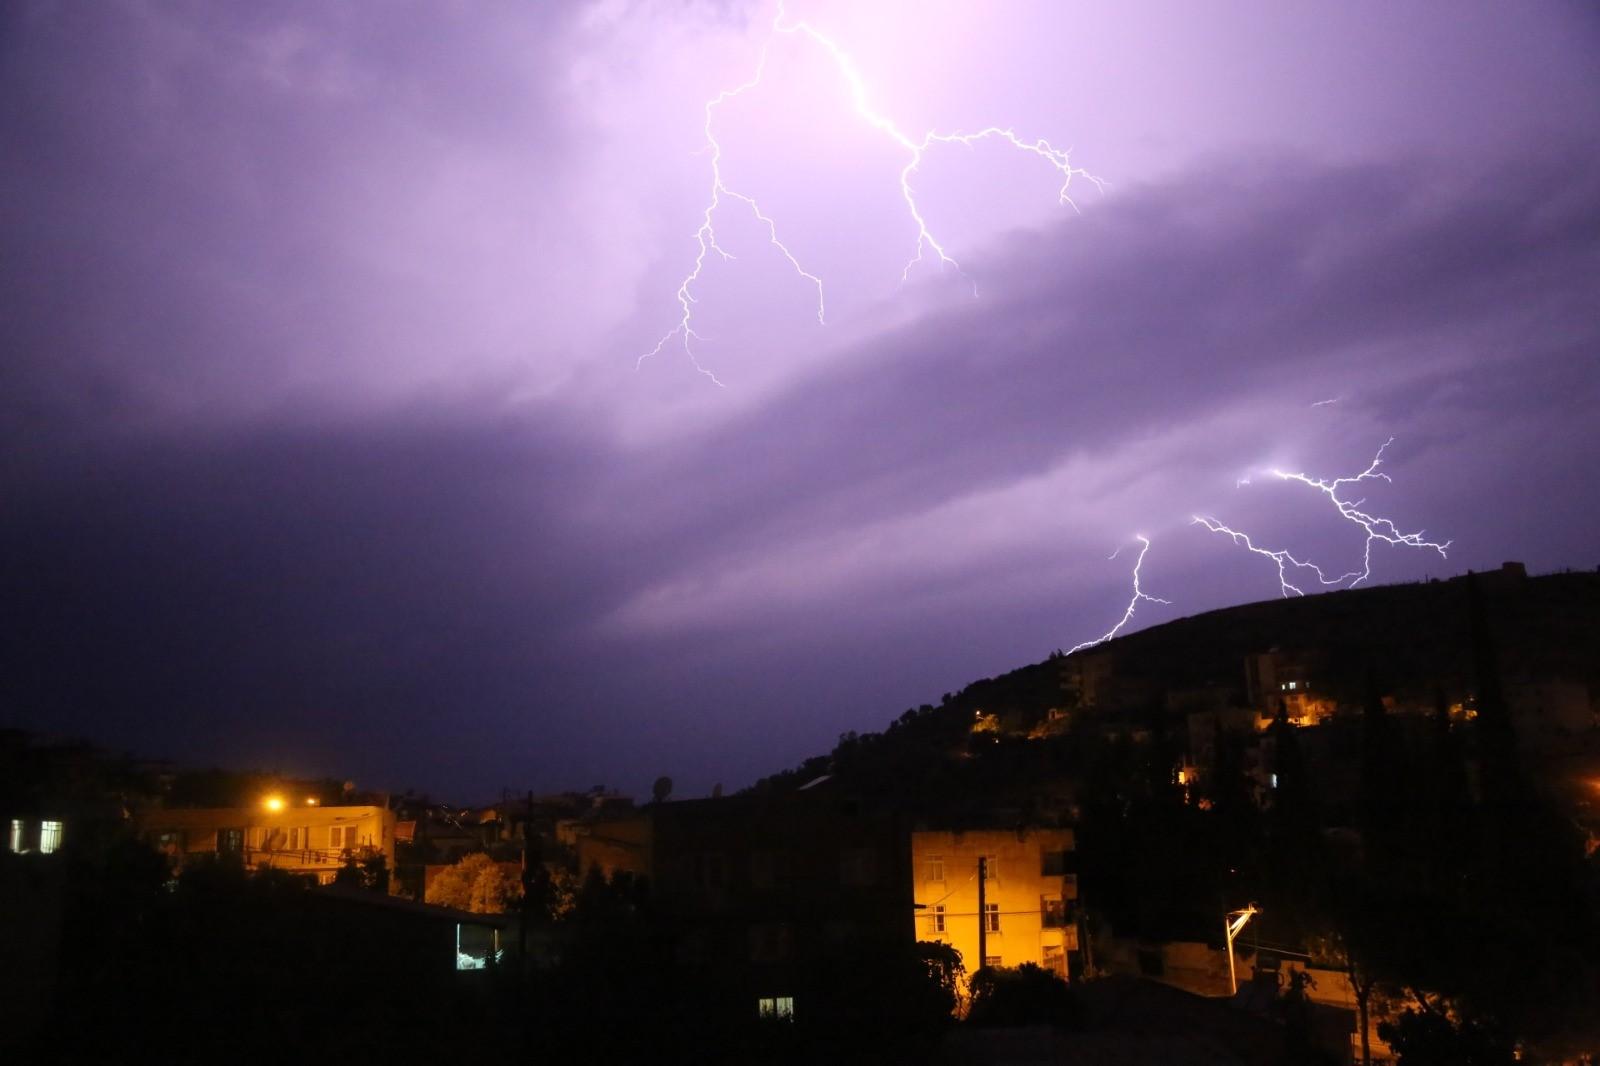 Lightnings over Mugla